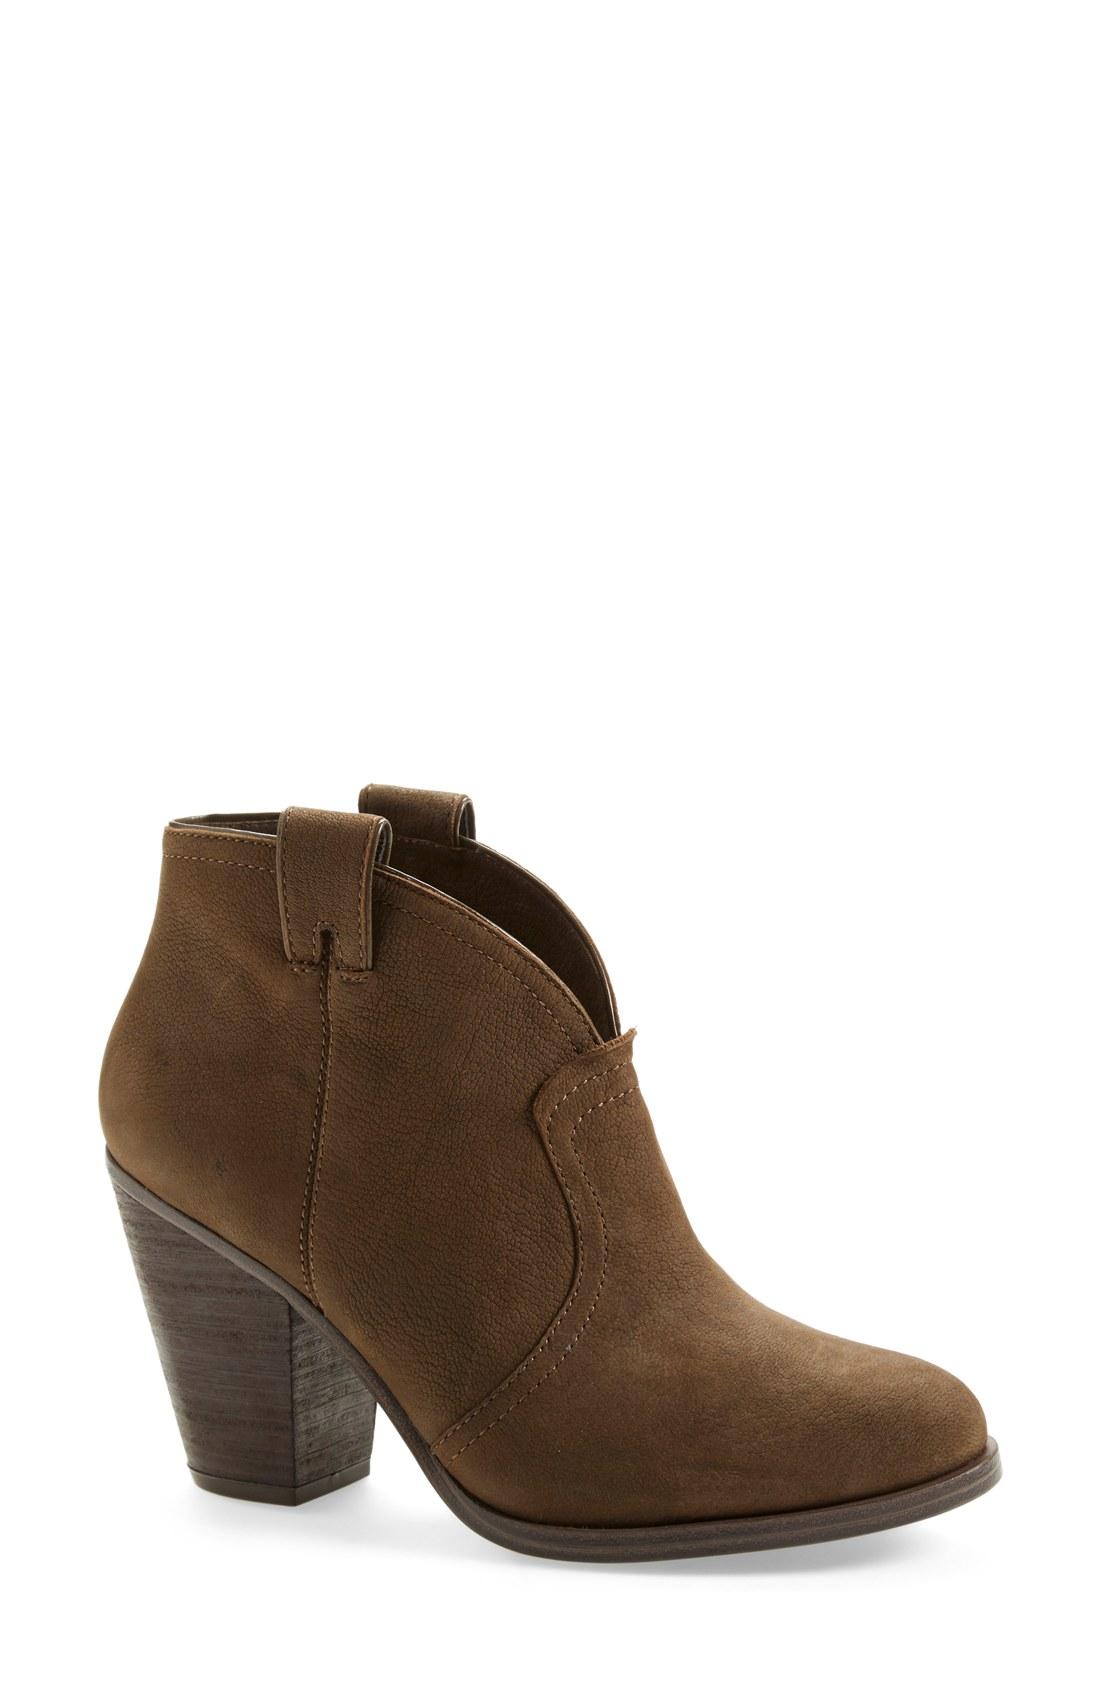 ... ankle bootie women nordstrom  25 sold on shop nordstrom com sponsored